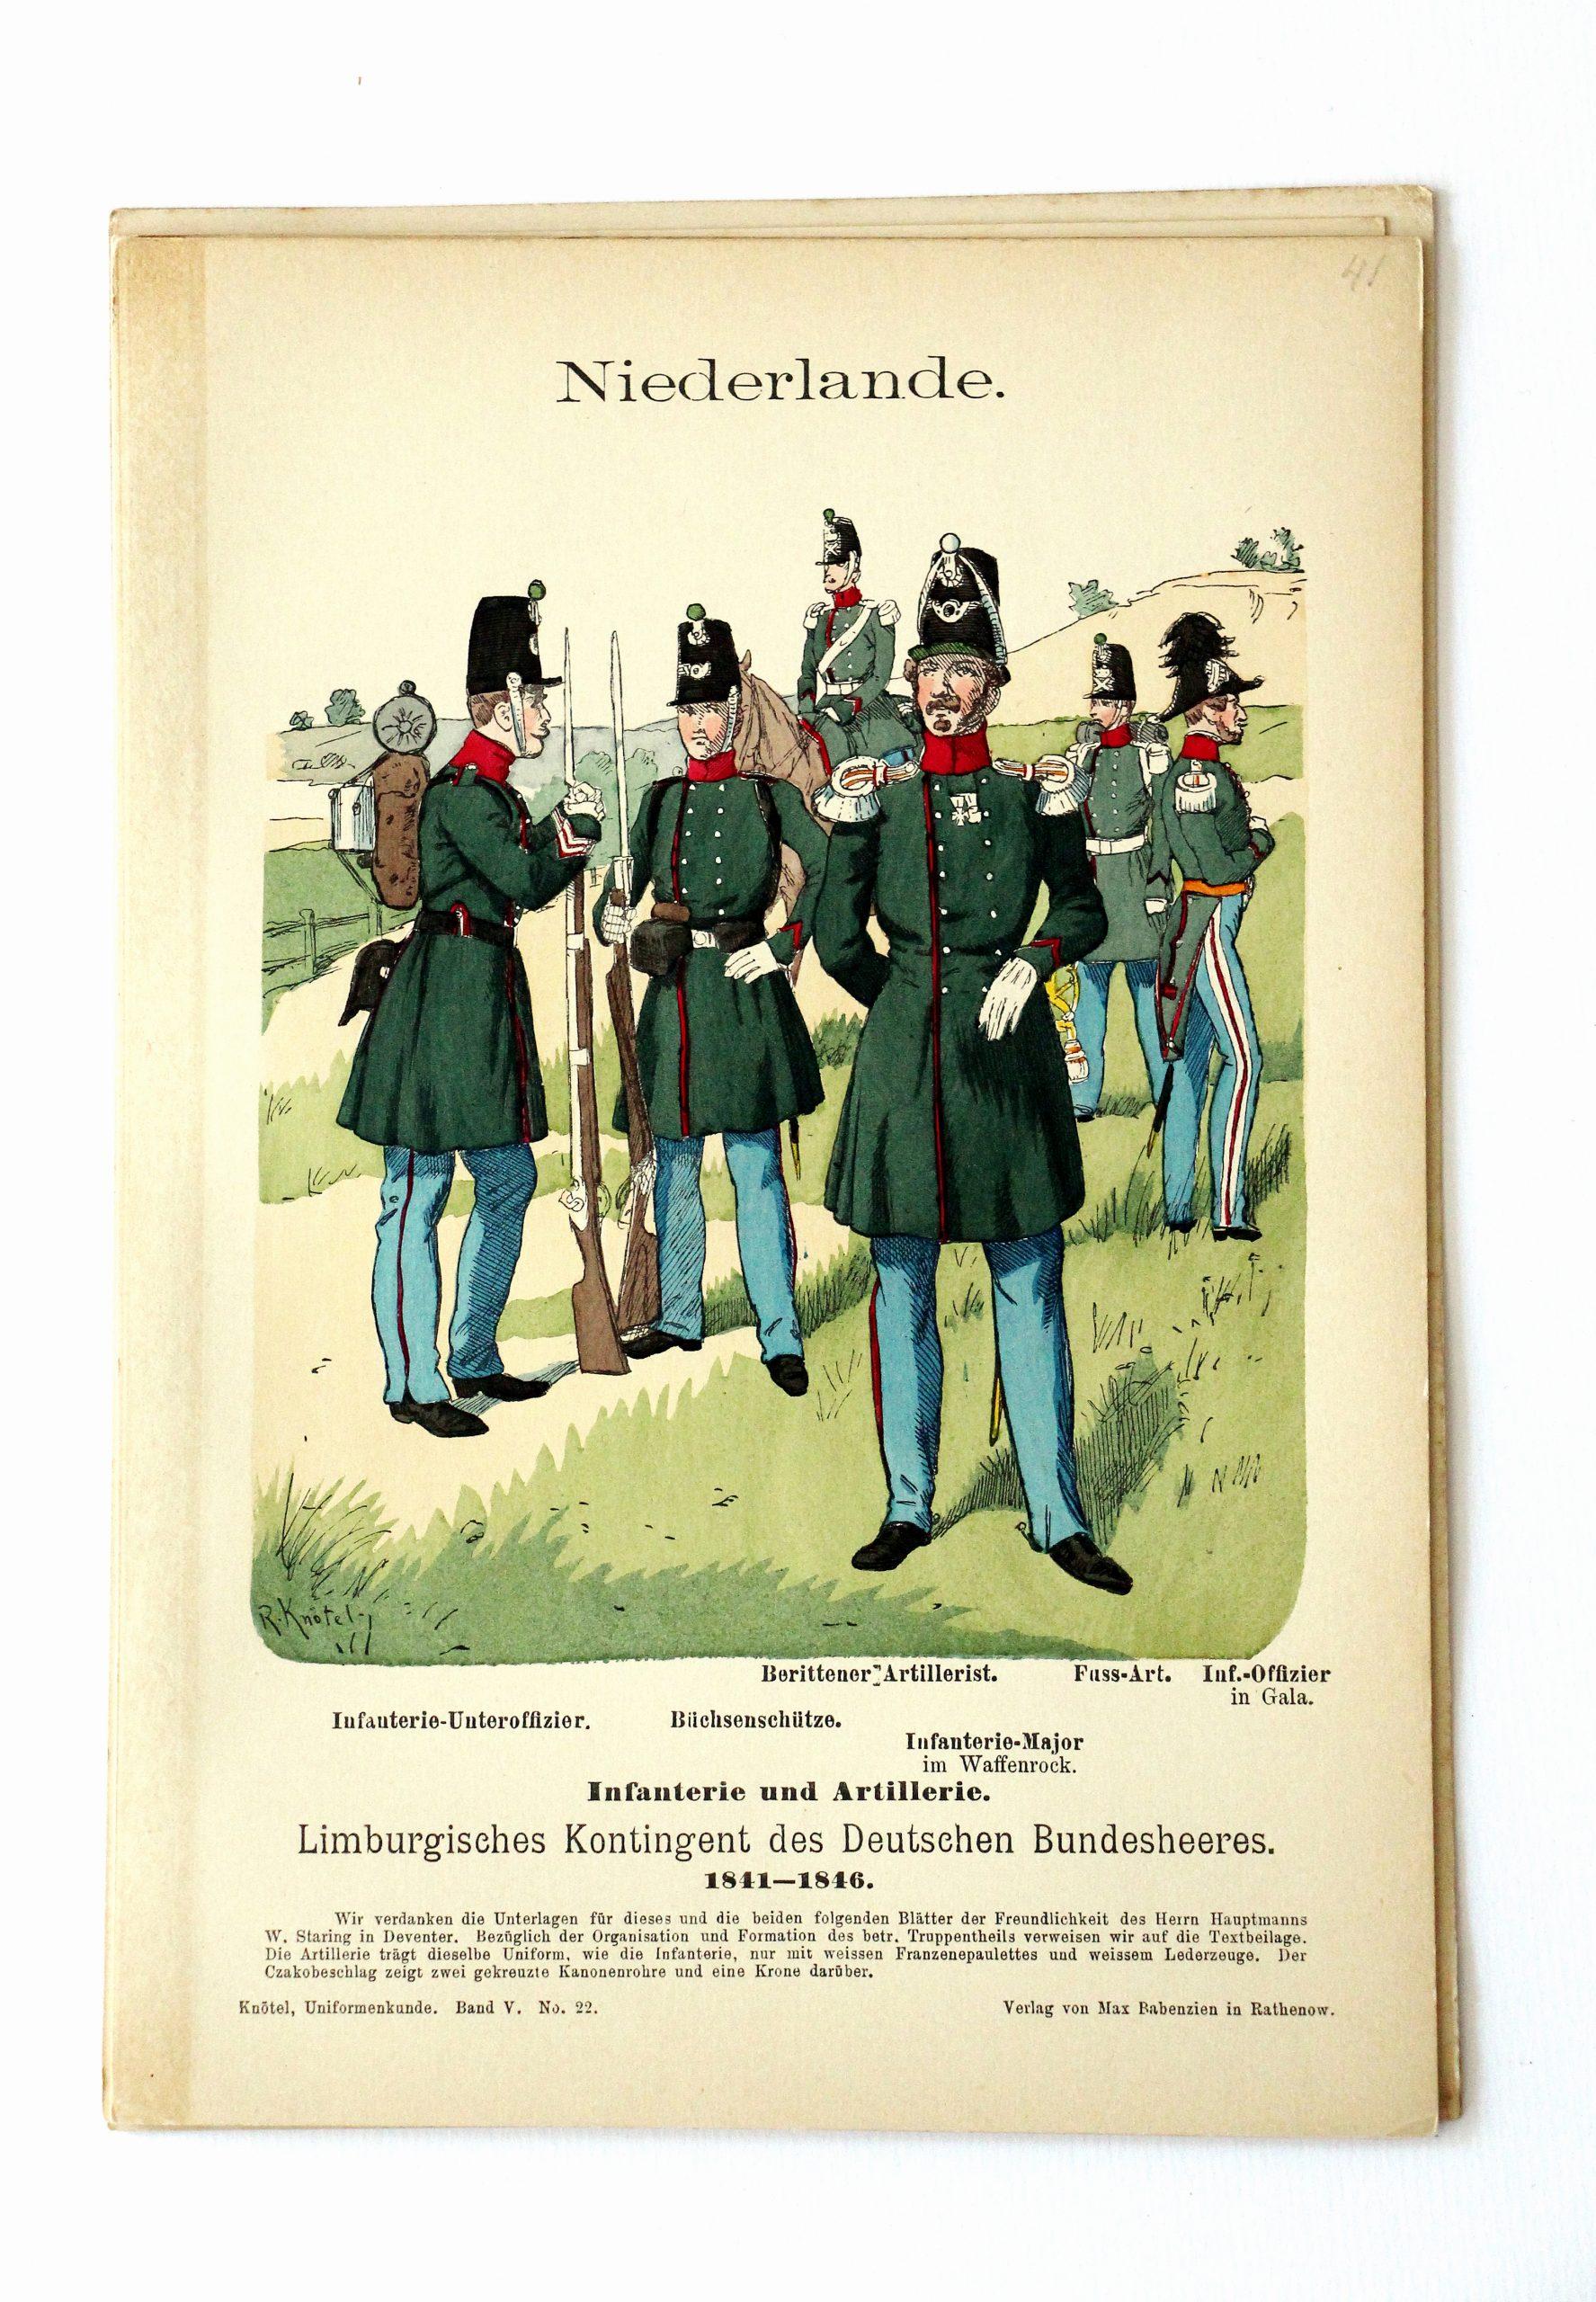 Niederlande- Uniformenkunde - Richard Knoetel - V - Planche 22